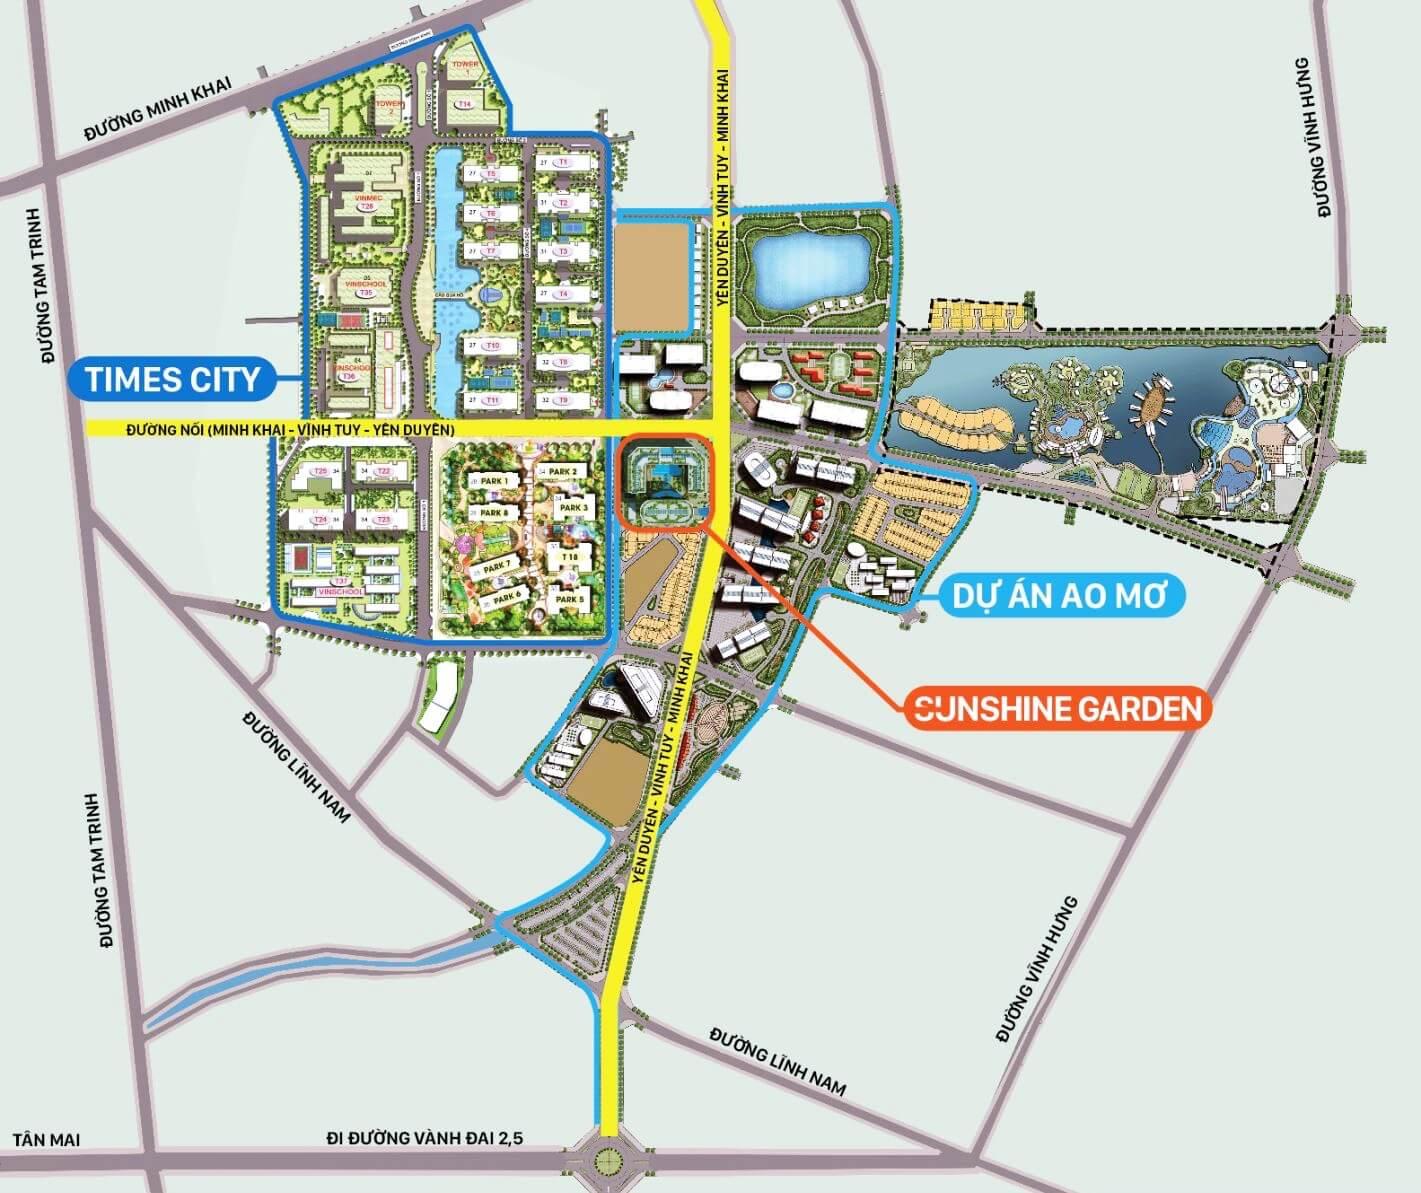 Bản đồ giao thông dự án chung cư Minh Khai